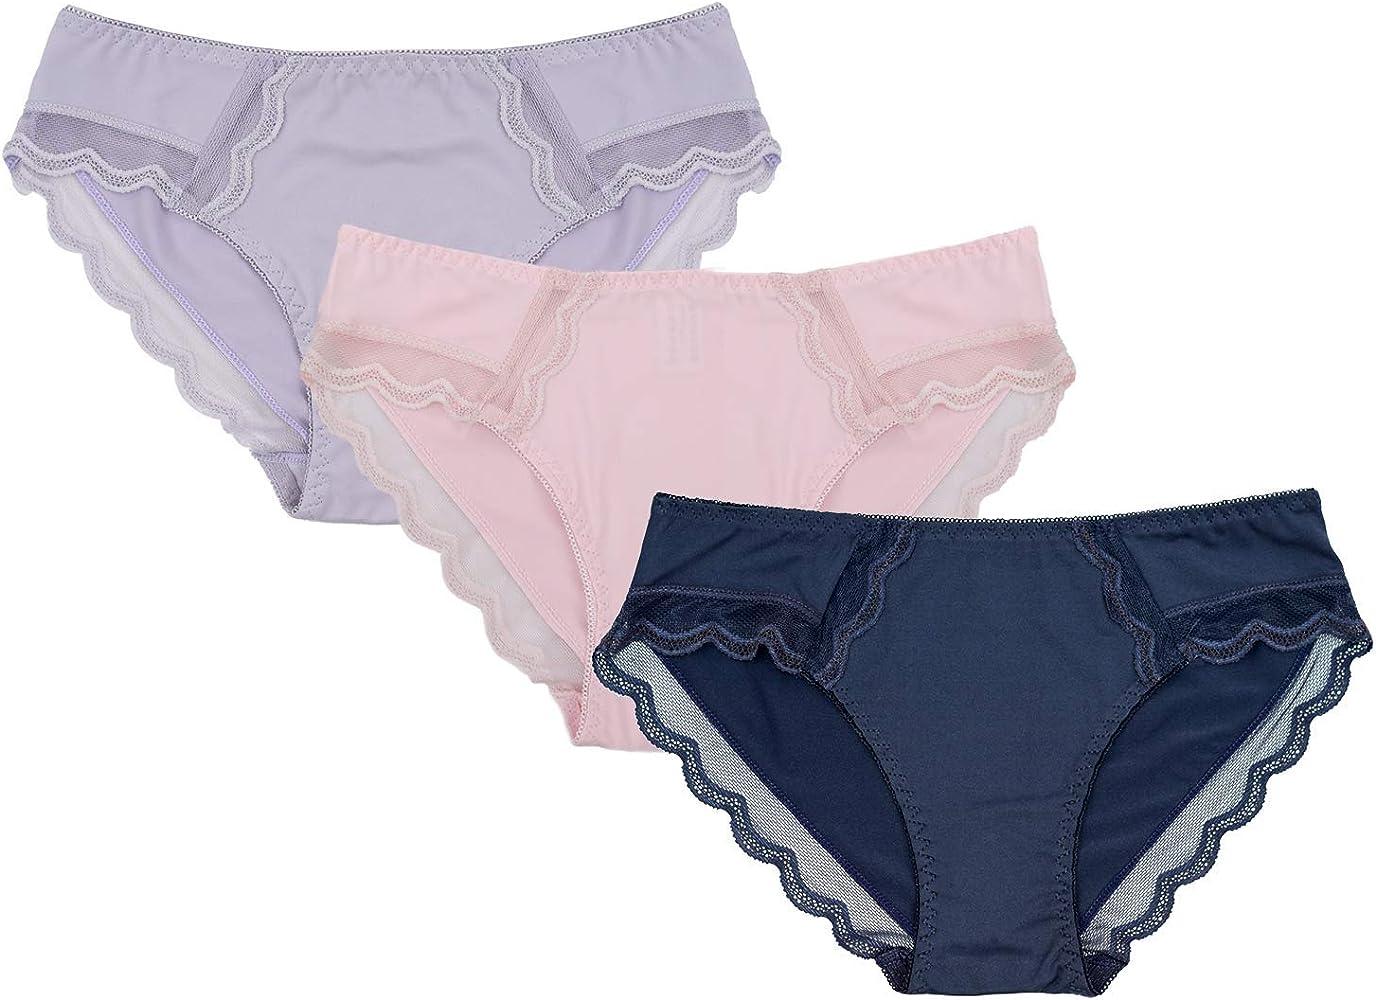 Channo Braguitas Lycra Microfibra con Encaje Estilo Bikini Suave cómodo Pack de 3 Bragas (Pack B, S/M): Amazon.es: Ropa y accesorios